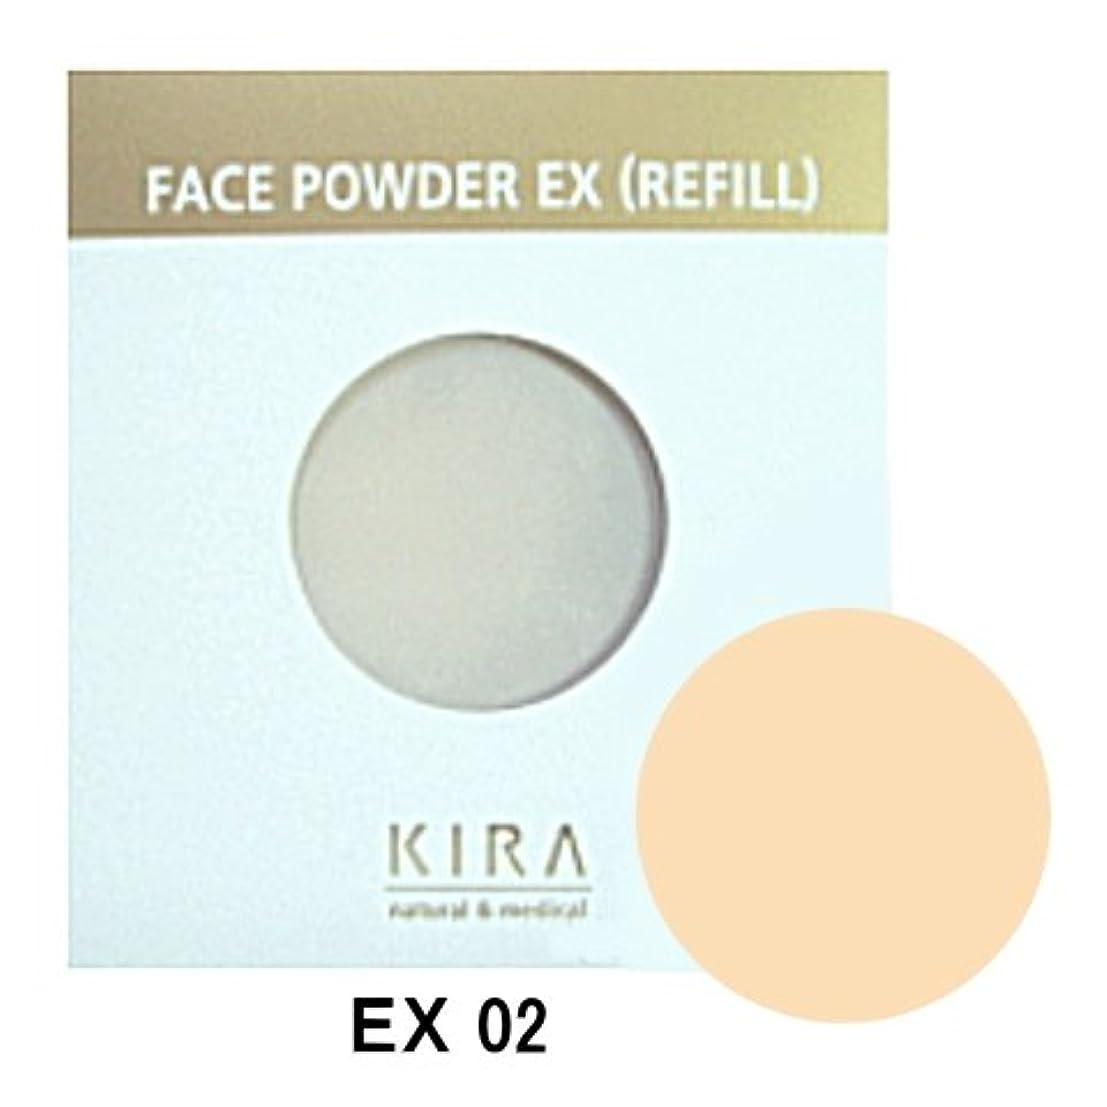 レジ乳剤一月綺羅化粧品 フェイスパウダーEX (ベージュ02) 《リフィル》 SPF15?PA++ (粉おしろい)